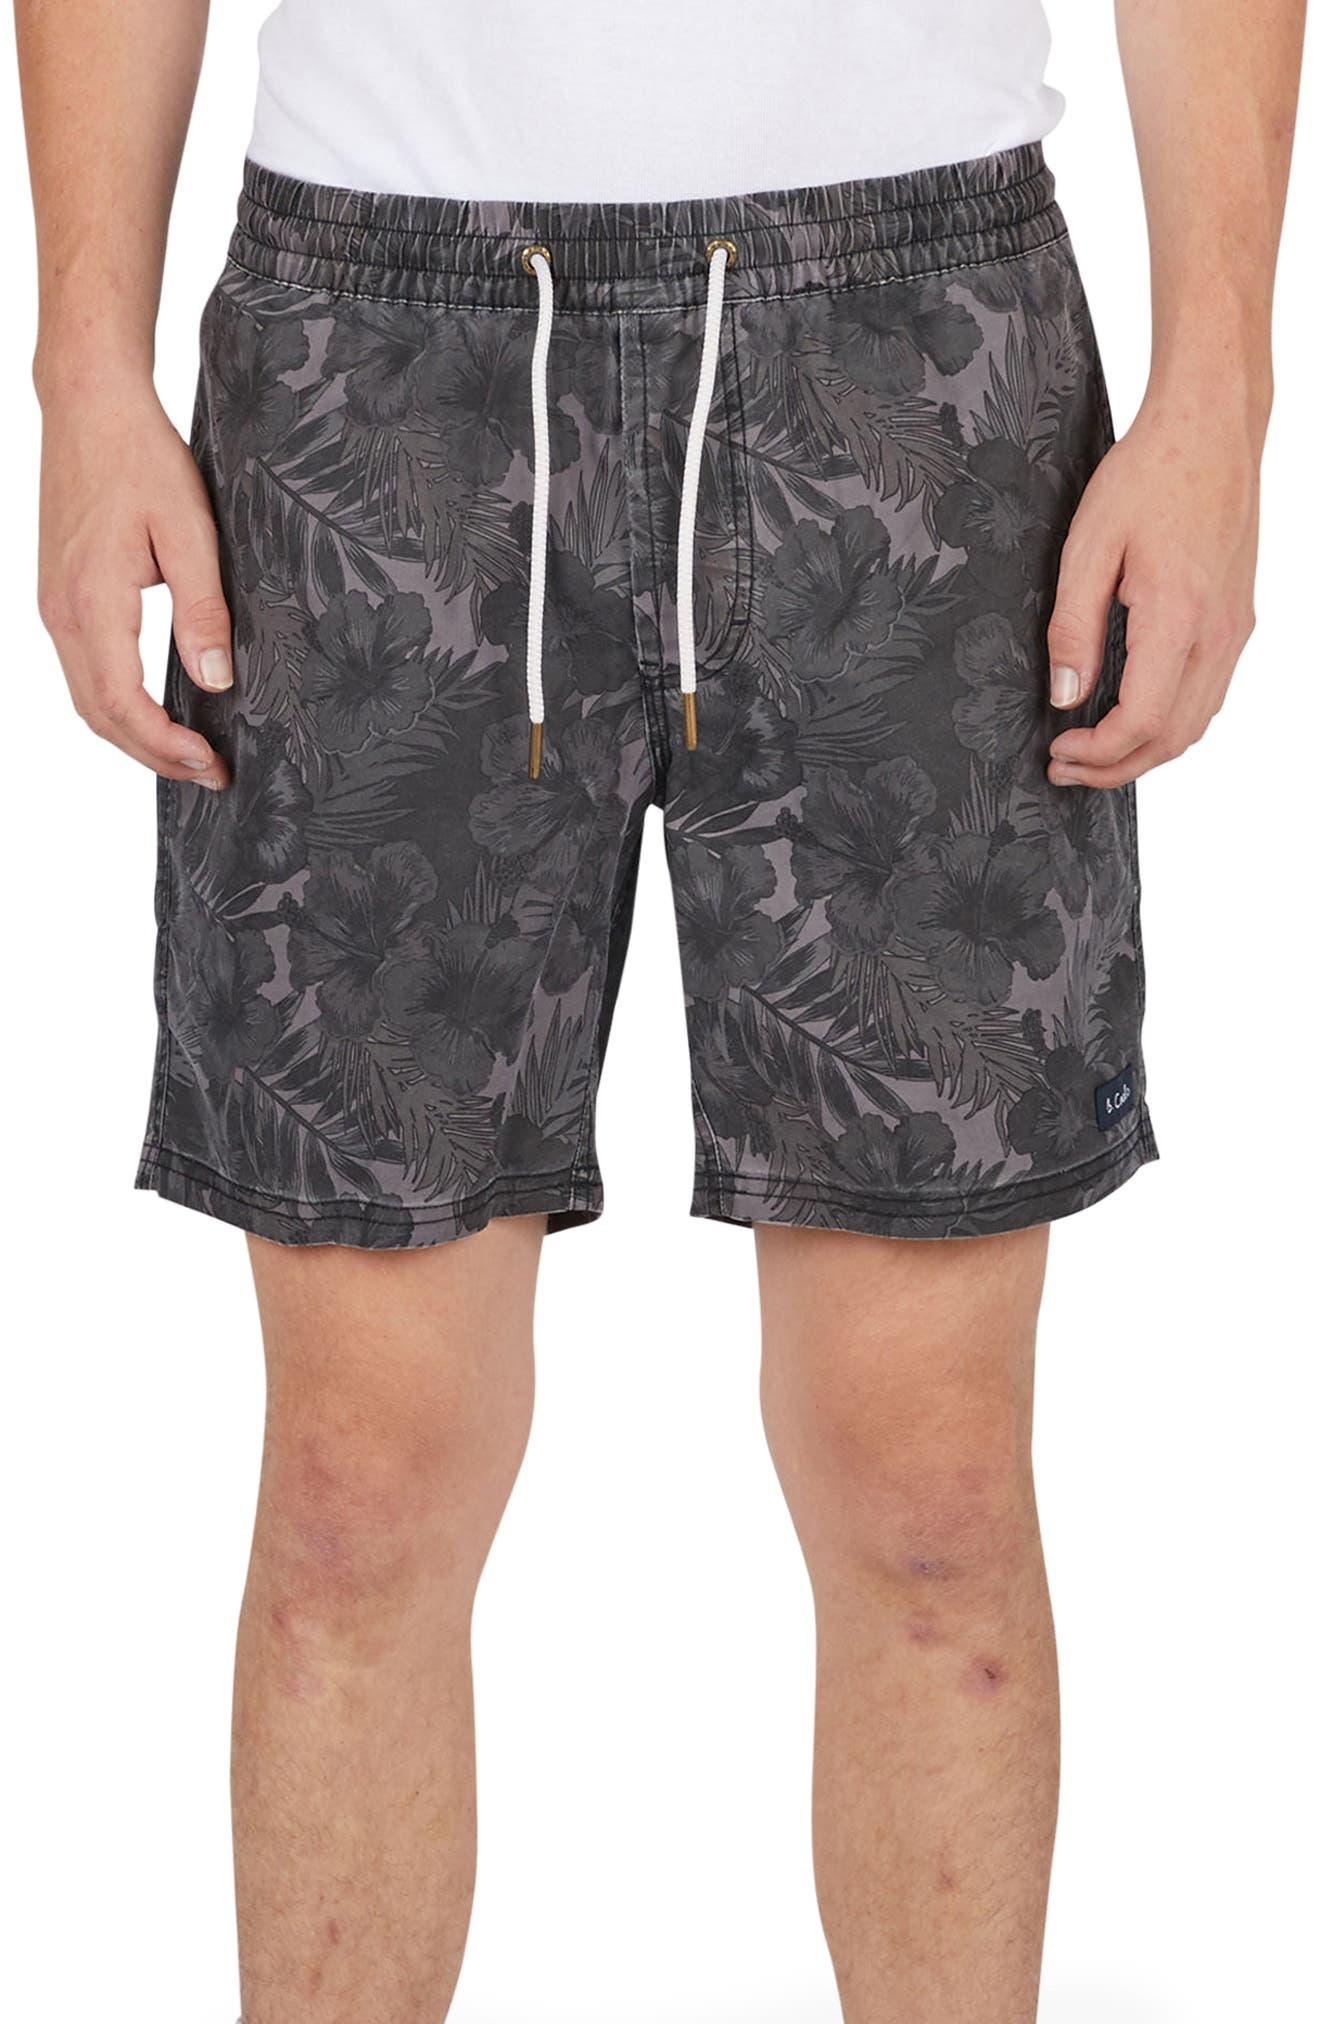 Amphibious Shorts,                         Main,                         color, Black Floral